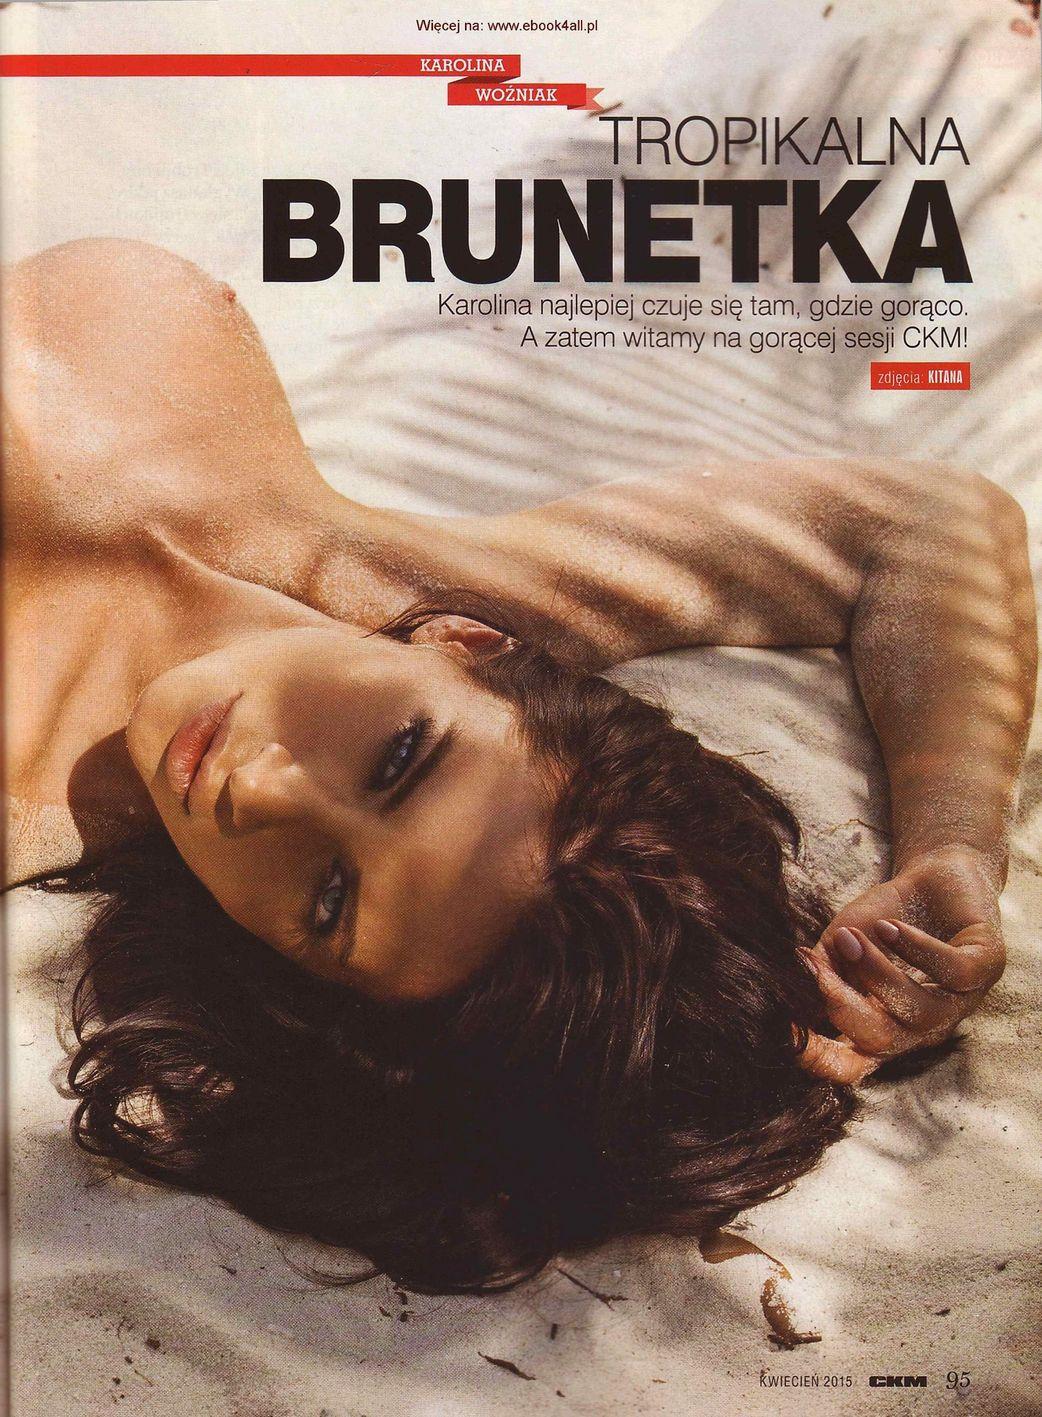 Karolina Wozniak Nude Pho...